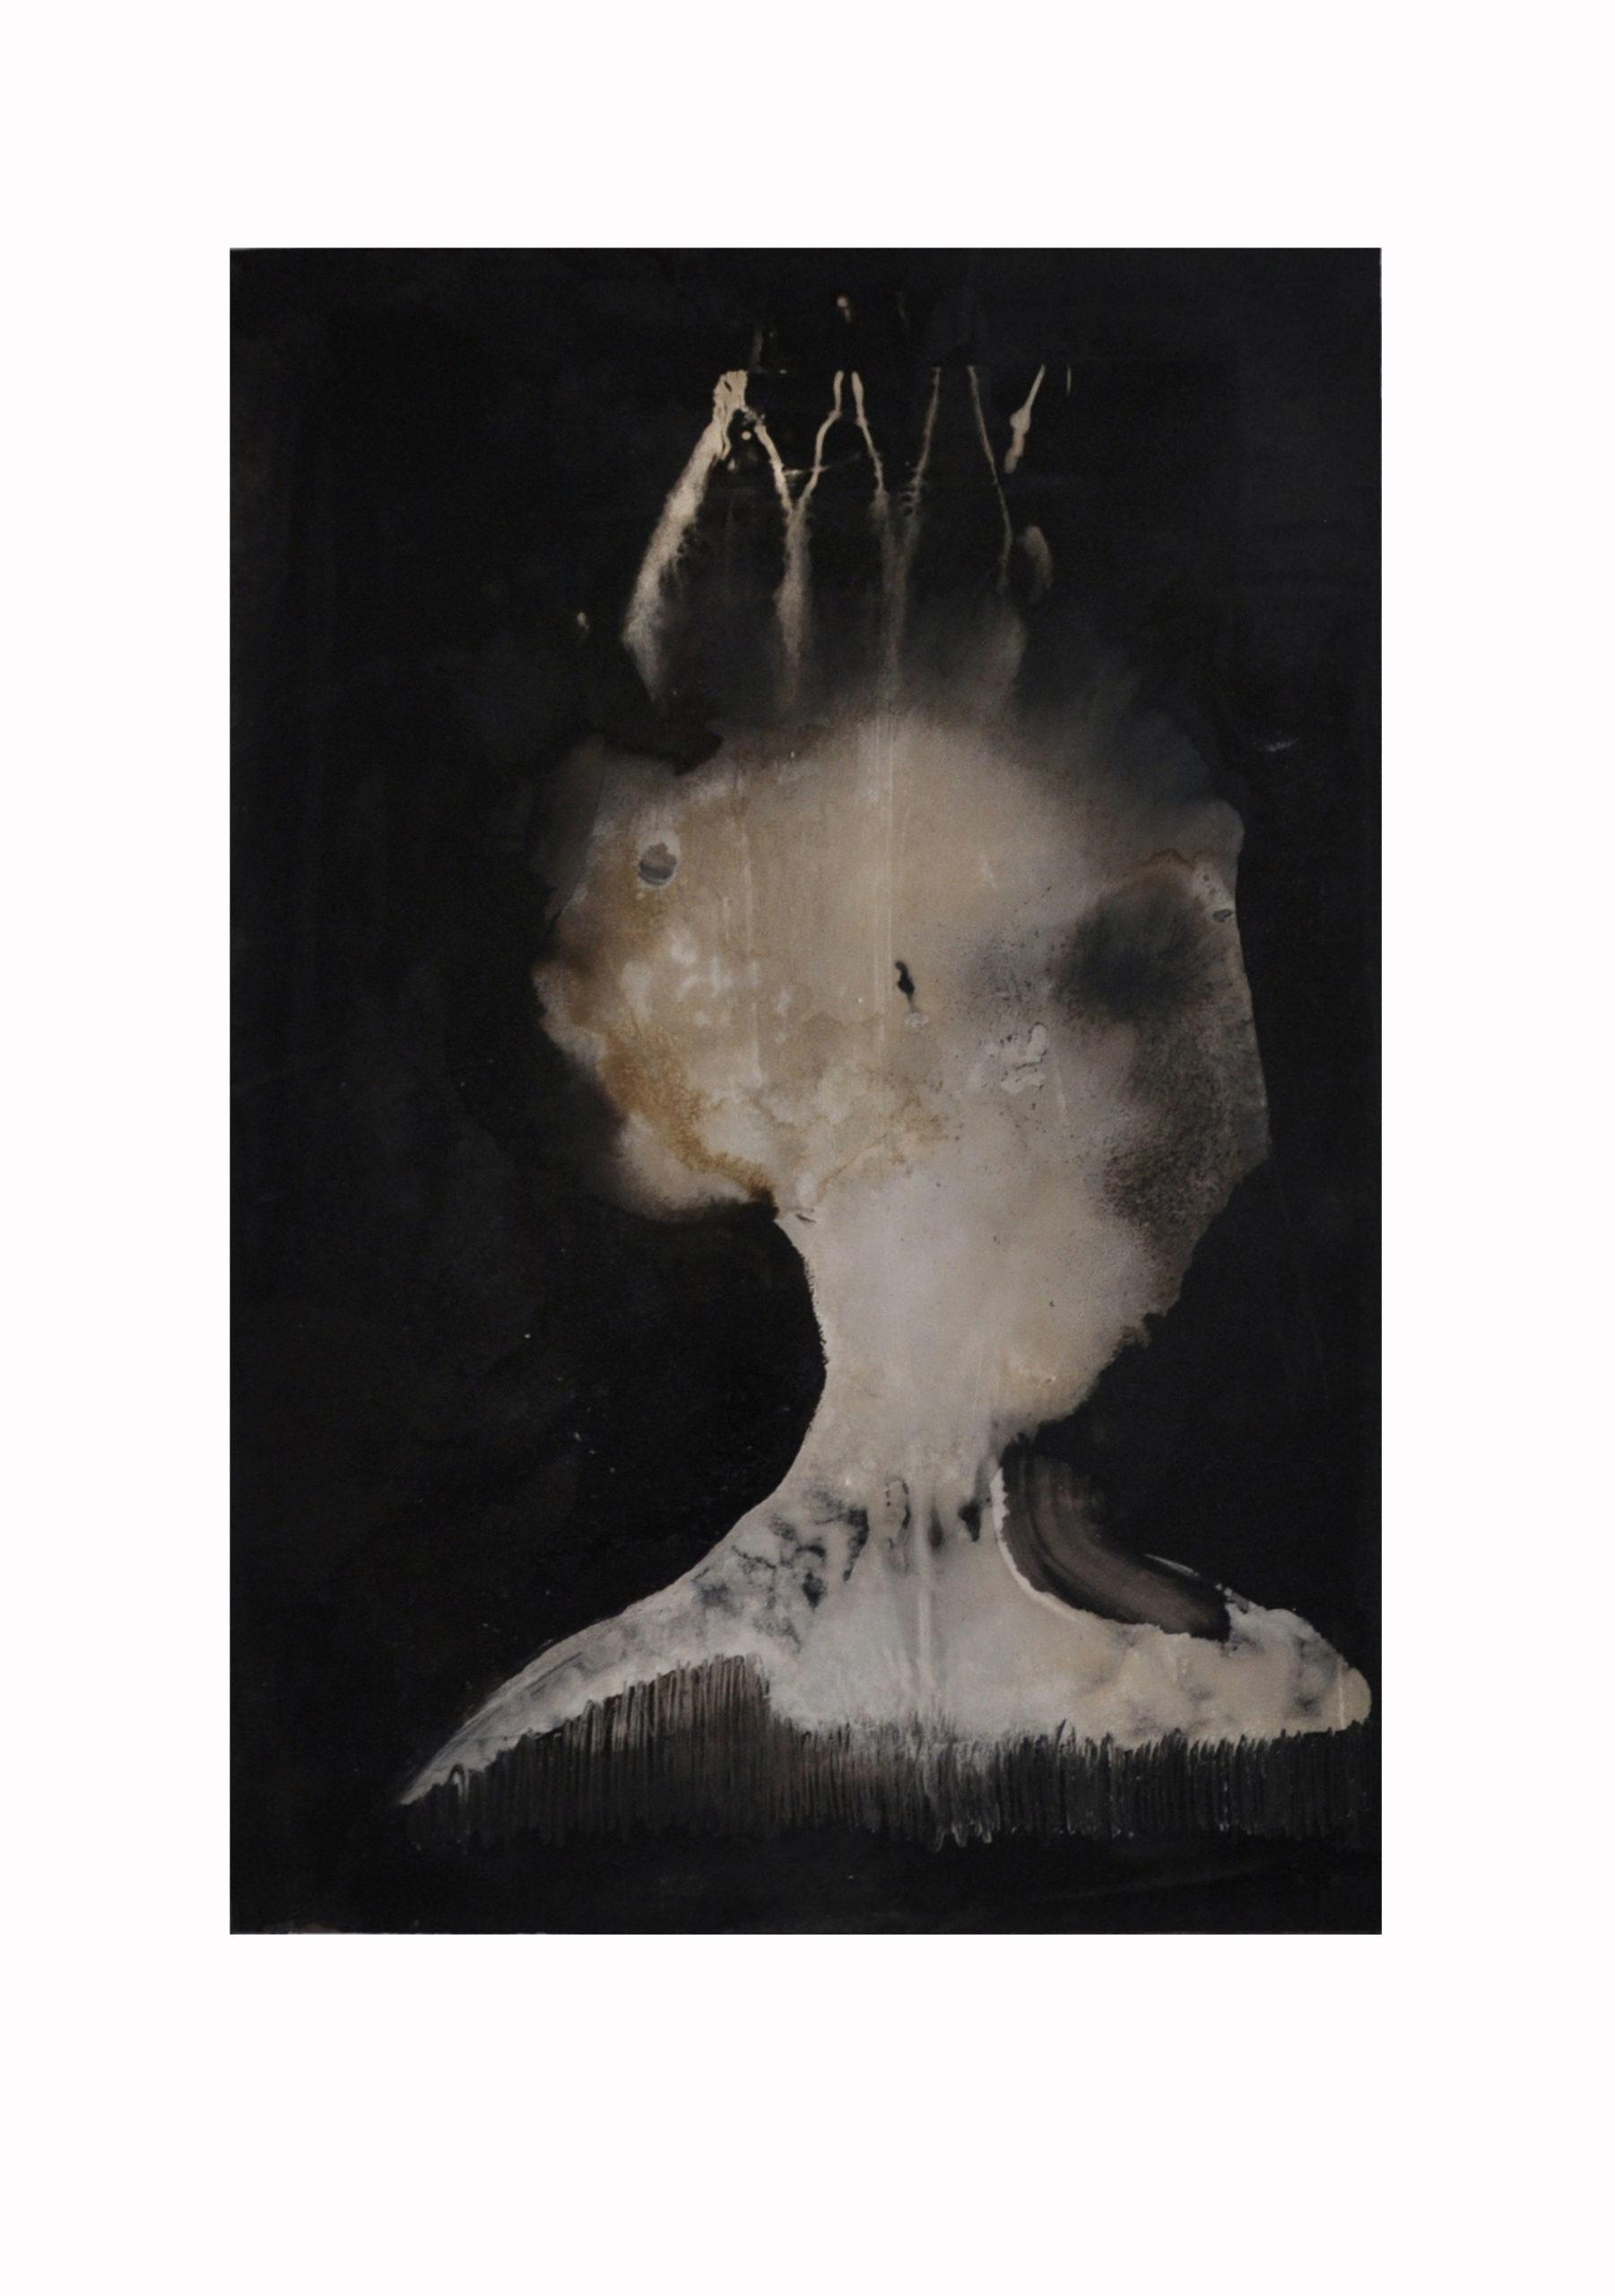 papier contemporain peinture de Jean-Luc Guin'Amant